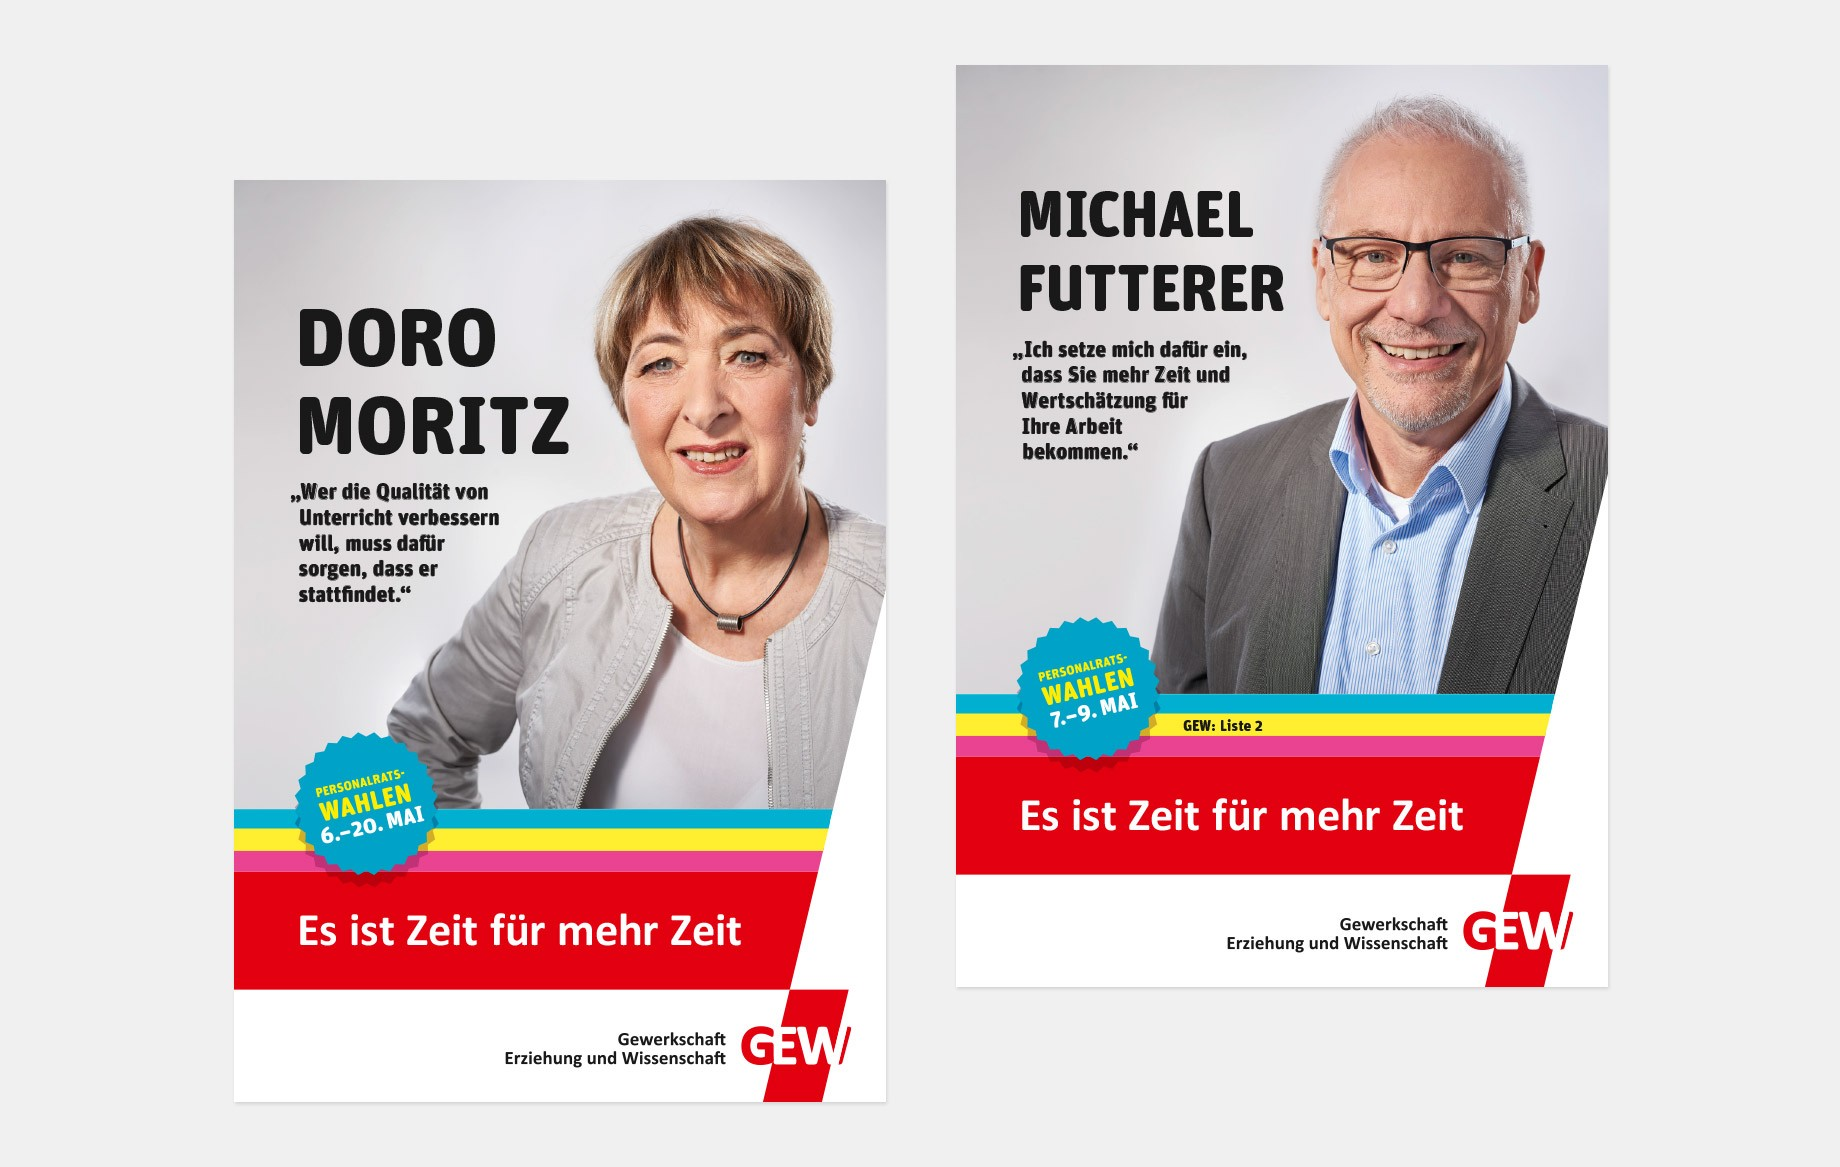 Spitzenkandidat*innenplakate mit Doro Moritz und Michael Futterer.